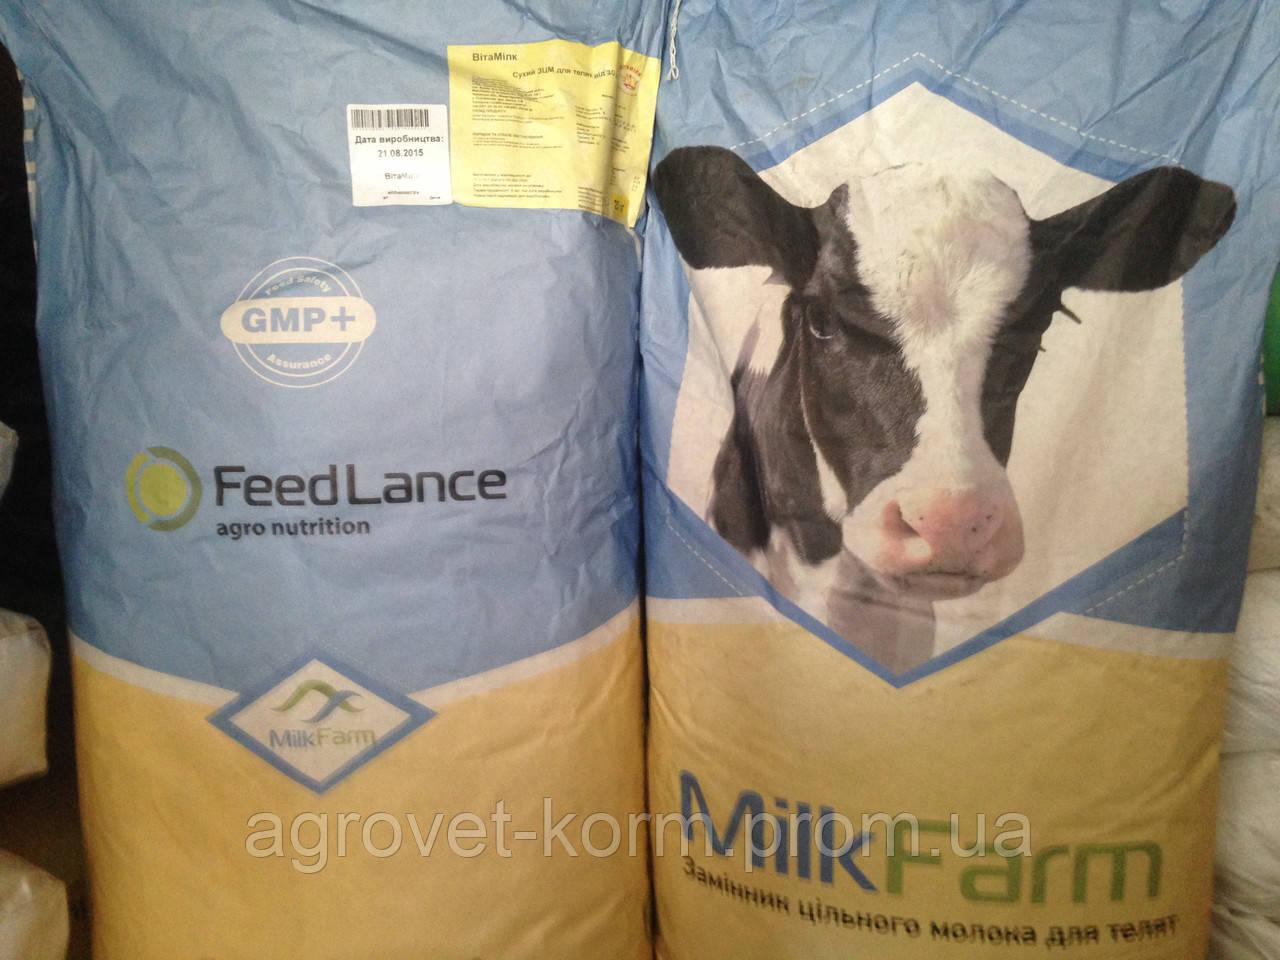 Агроветатлантiк ТМ Здорова Замінник цільного молока Вітамілк ЗЦМ вiд 5 дня для телят.   25 кг